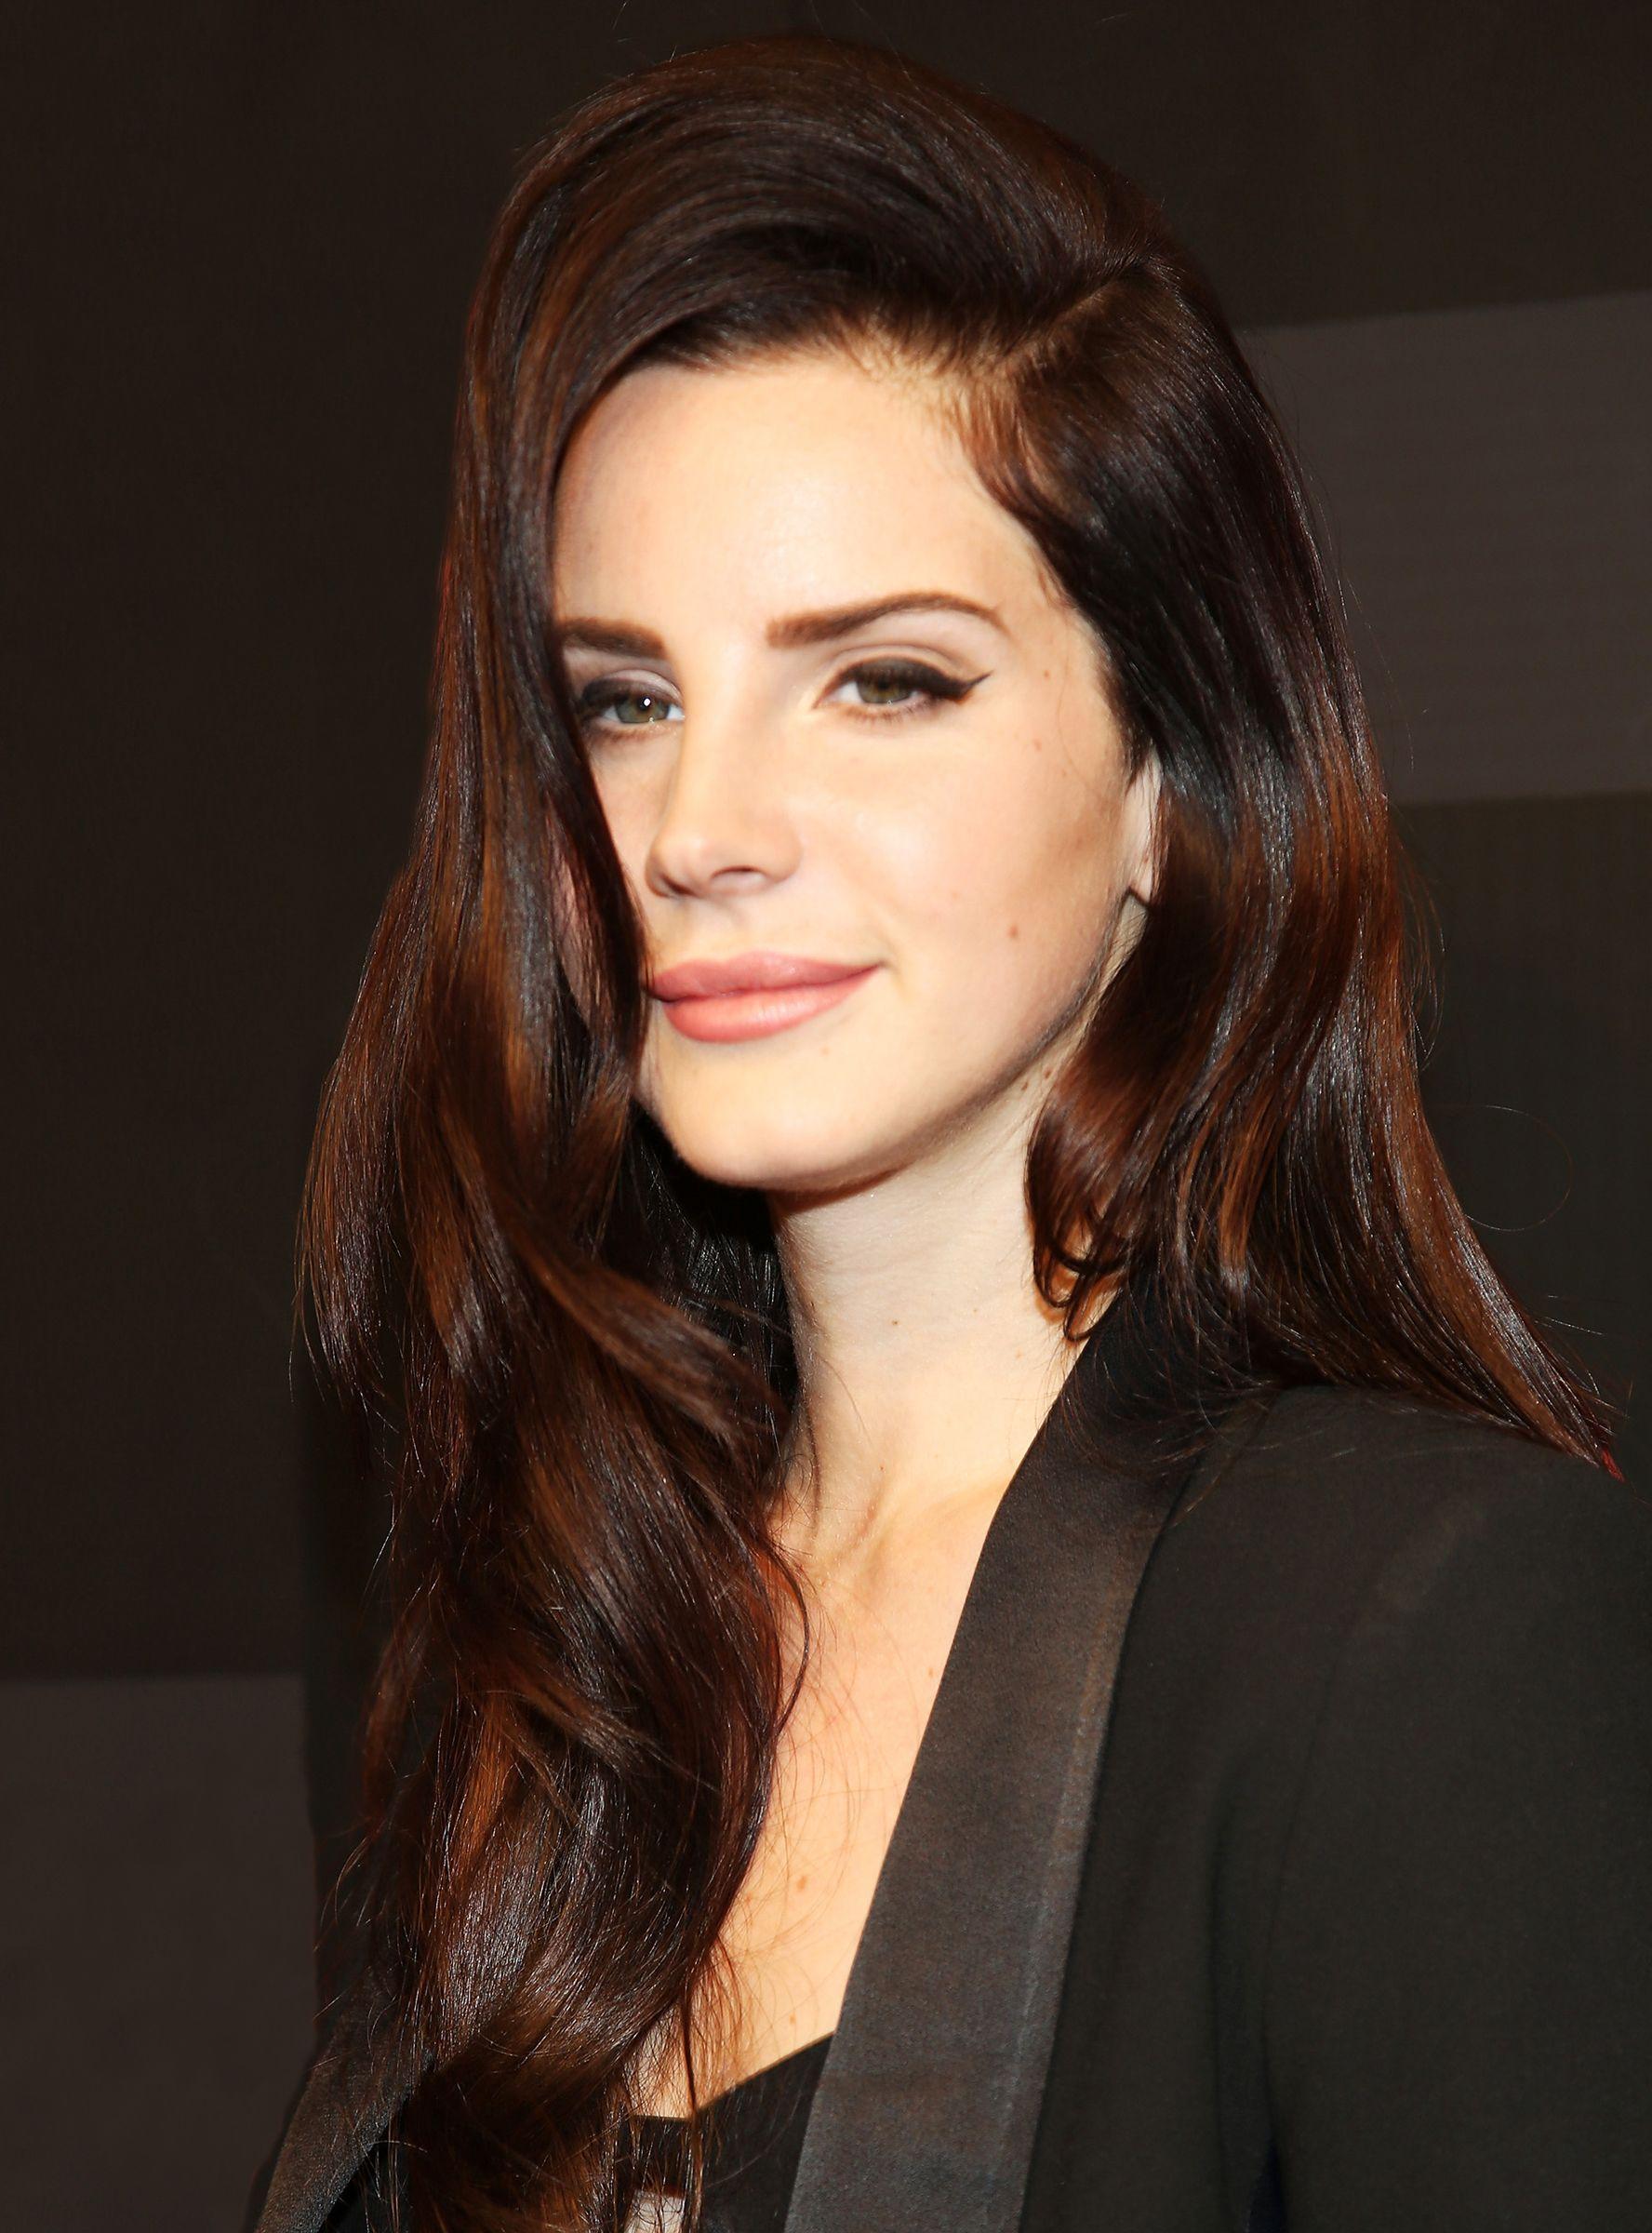 Pin On Queen Lana Del Rey